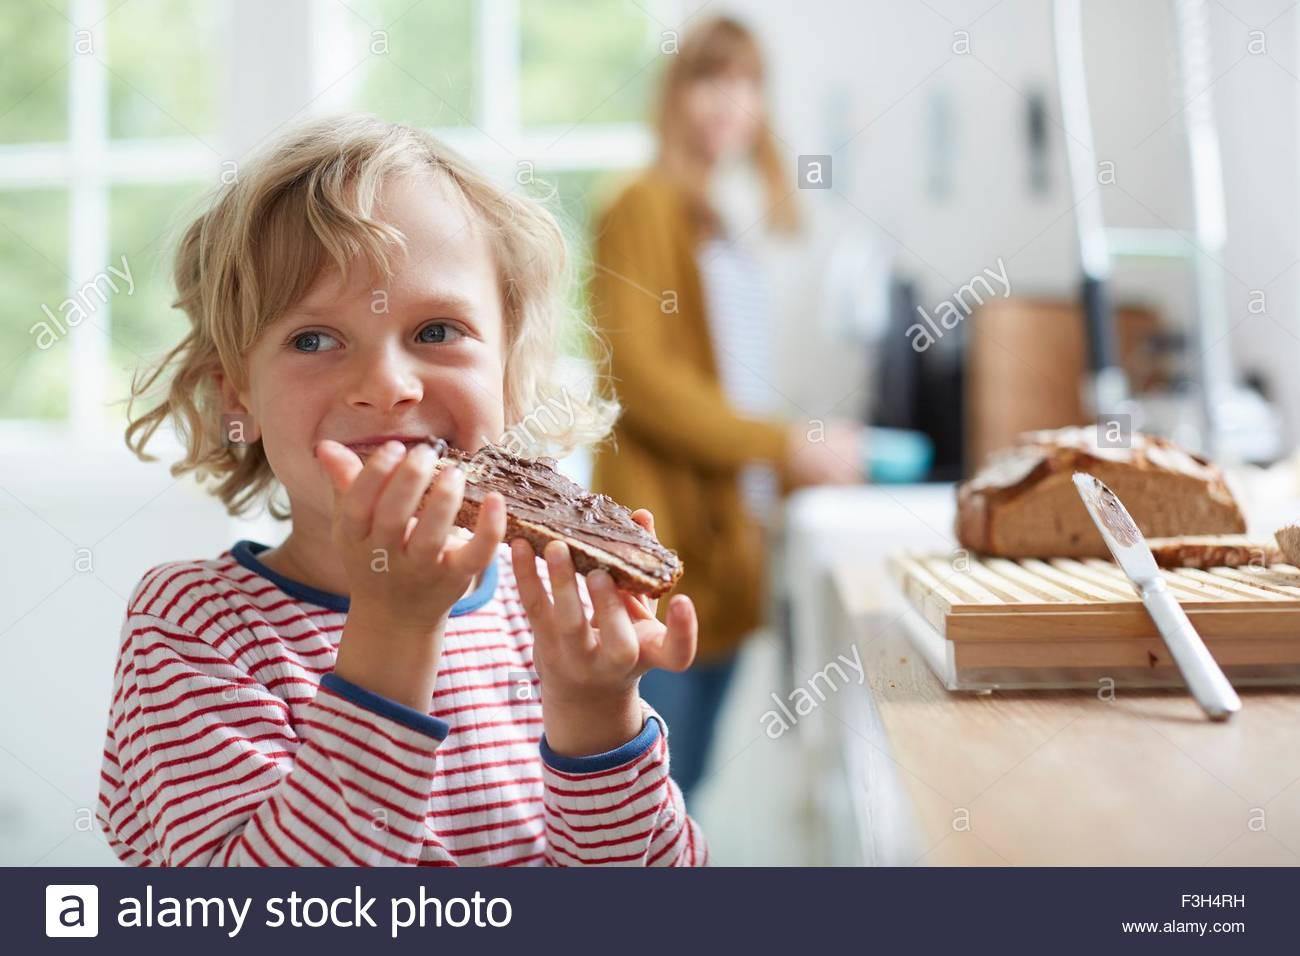 Ragazzo giovane mangiare pane con cioccolato da spalmare, madre in background Immagini Stock